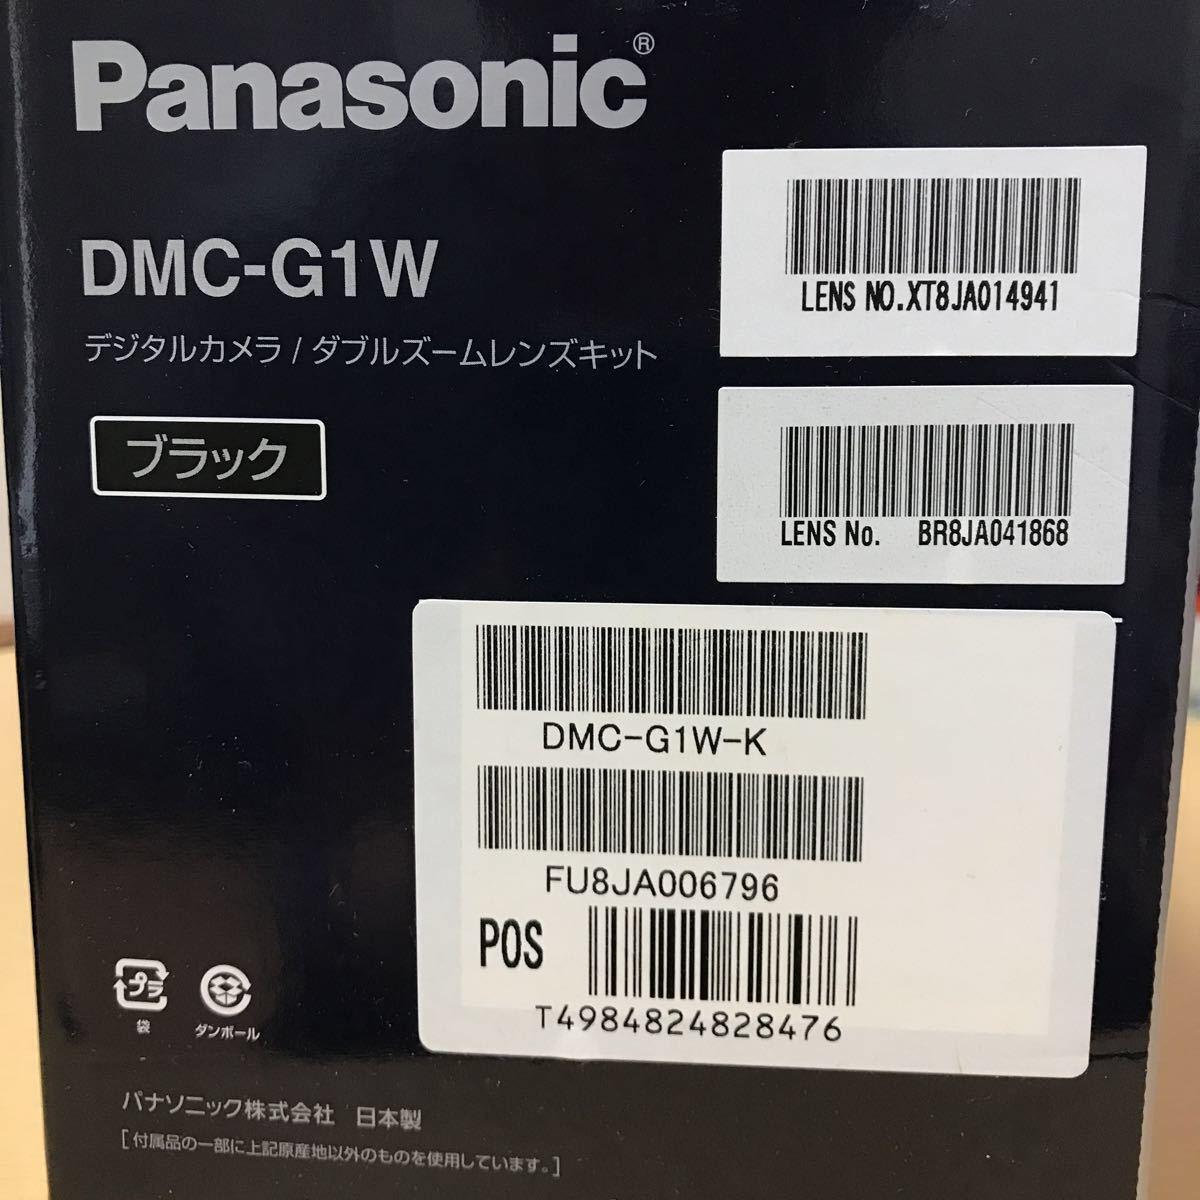 訳あり Panasonic パナソニック LUMIX G1 ダブルズームレンズキット DMC-G1W-K カメラ ミラーレス一眼 コンフォートブラック K3707718_画像9